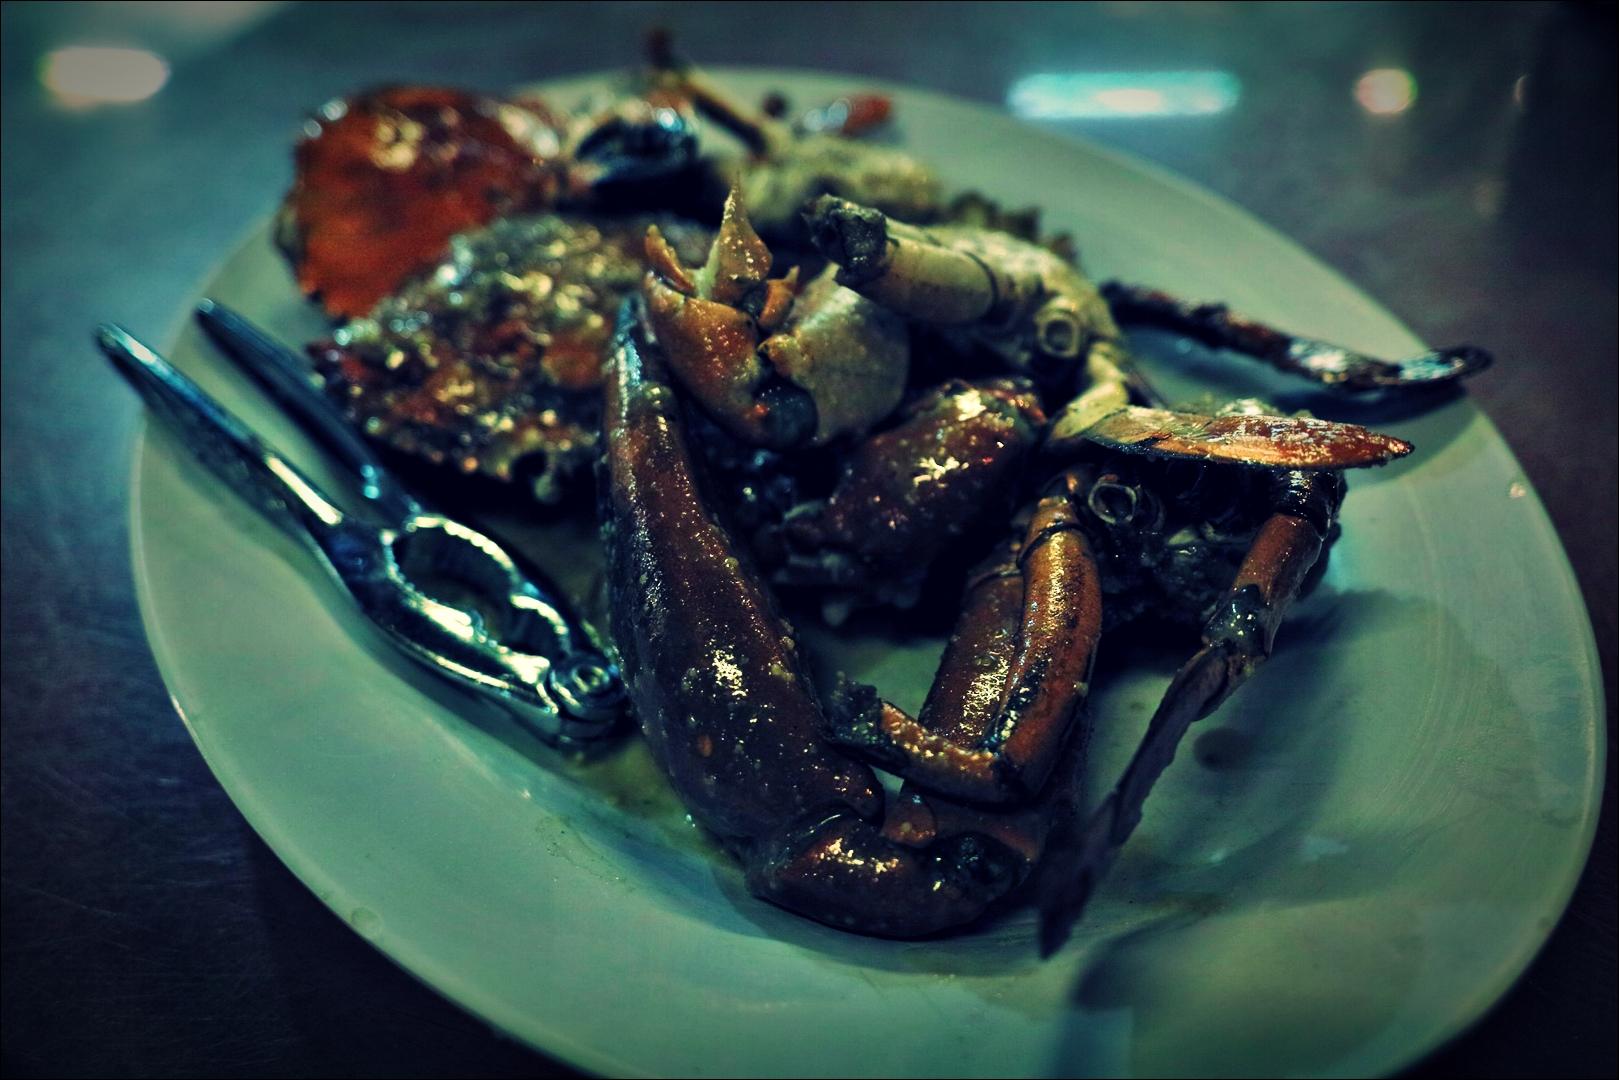 게-'코타키나발루 웰컴 시푸드 레스토랑 Welcome Seafood Restaurant Kota Kinabalu'